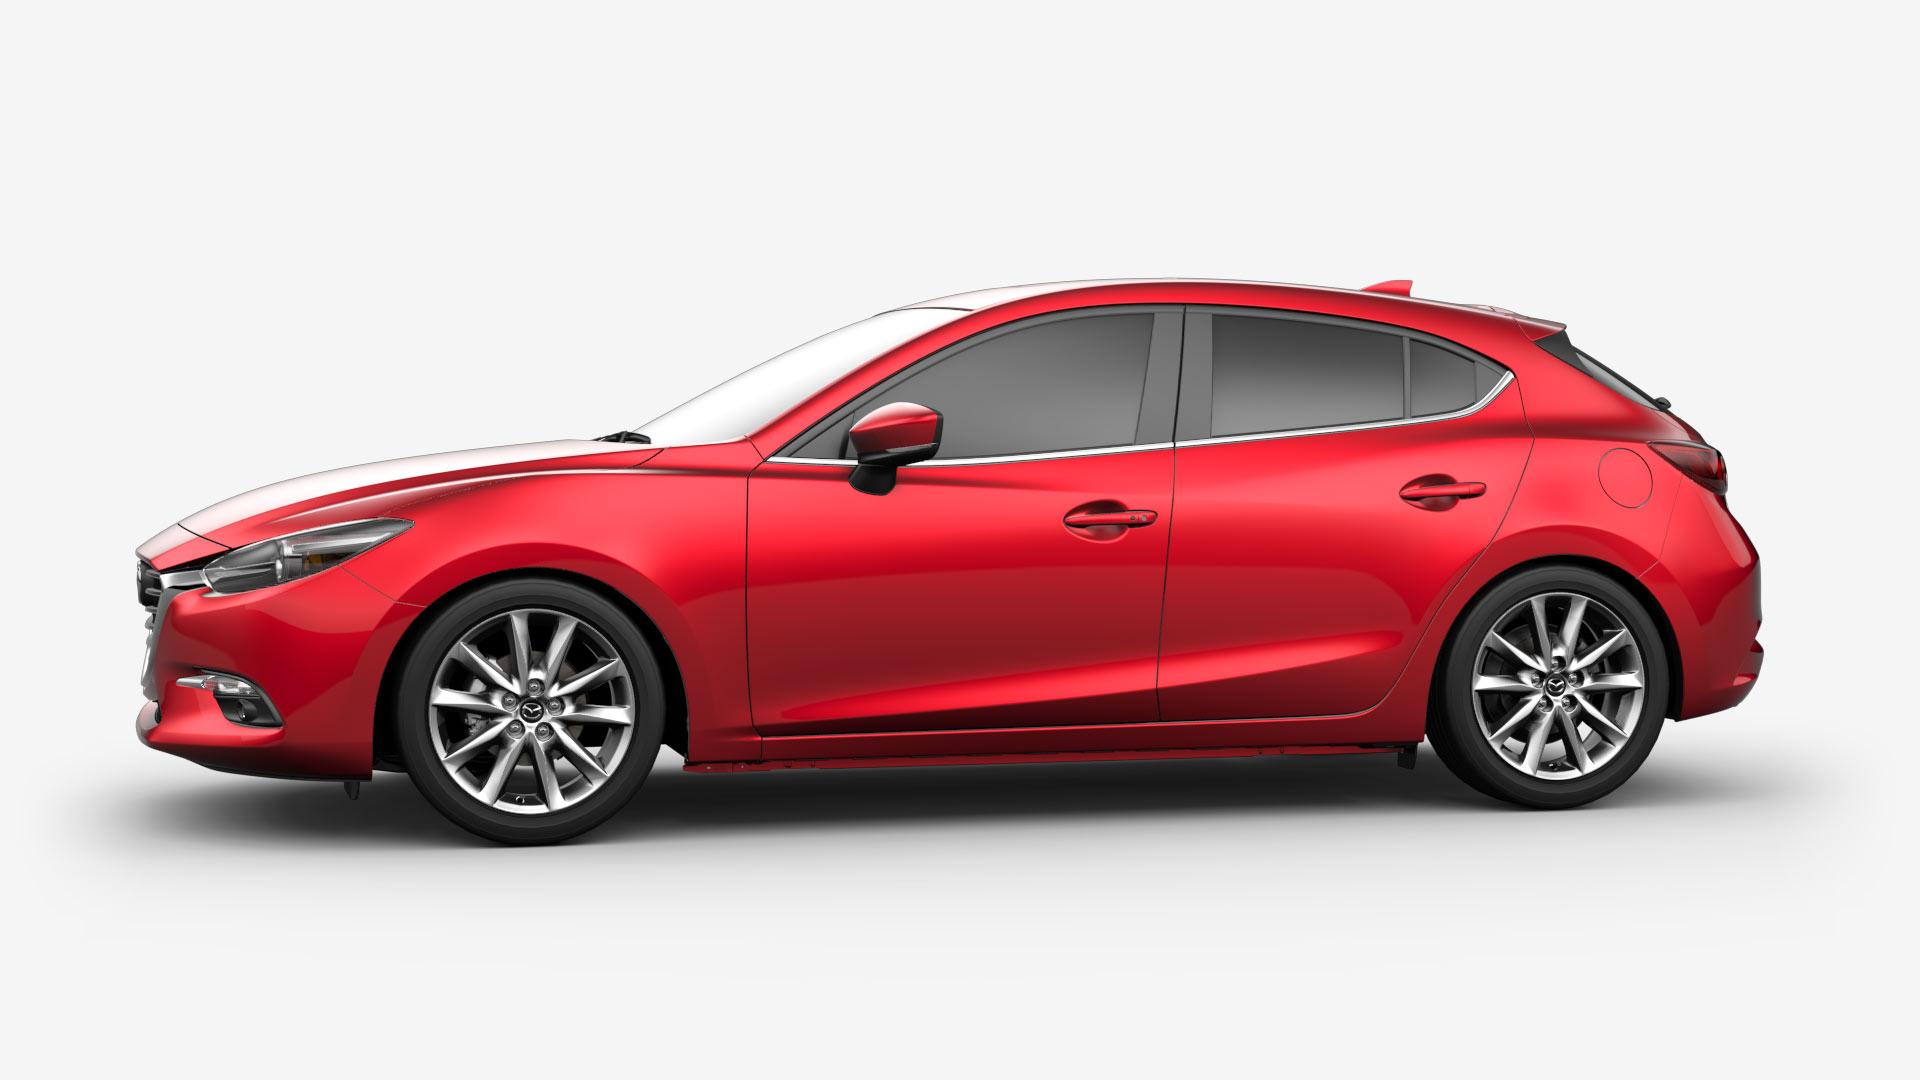 Lộ diện hình ảnh tương lai của Mazda3. Hãng xe Nhật giới thiệu mẫu thiết kế xem trước của Mazda3 hatchback tại Tokyo Motor Show 2017. (CHI TIẾT)